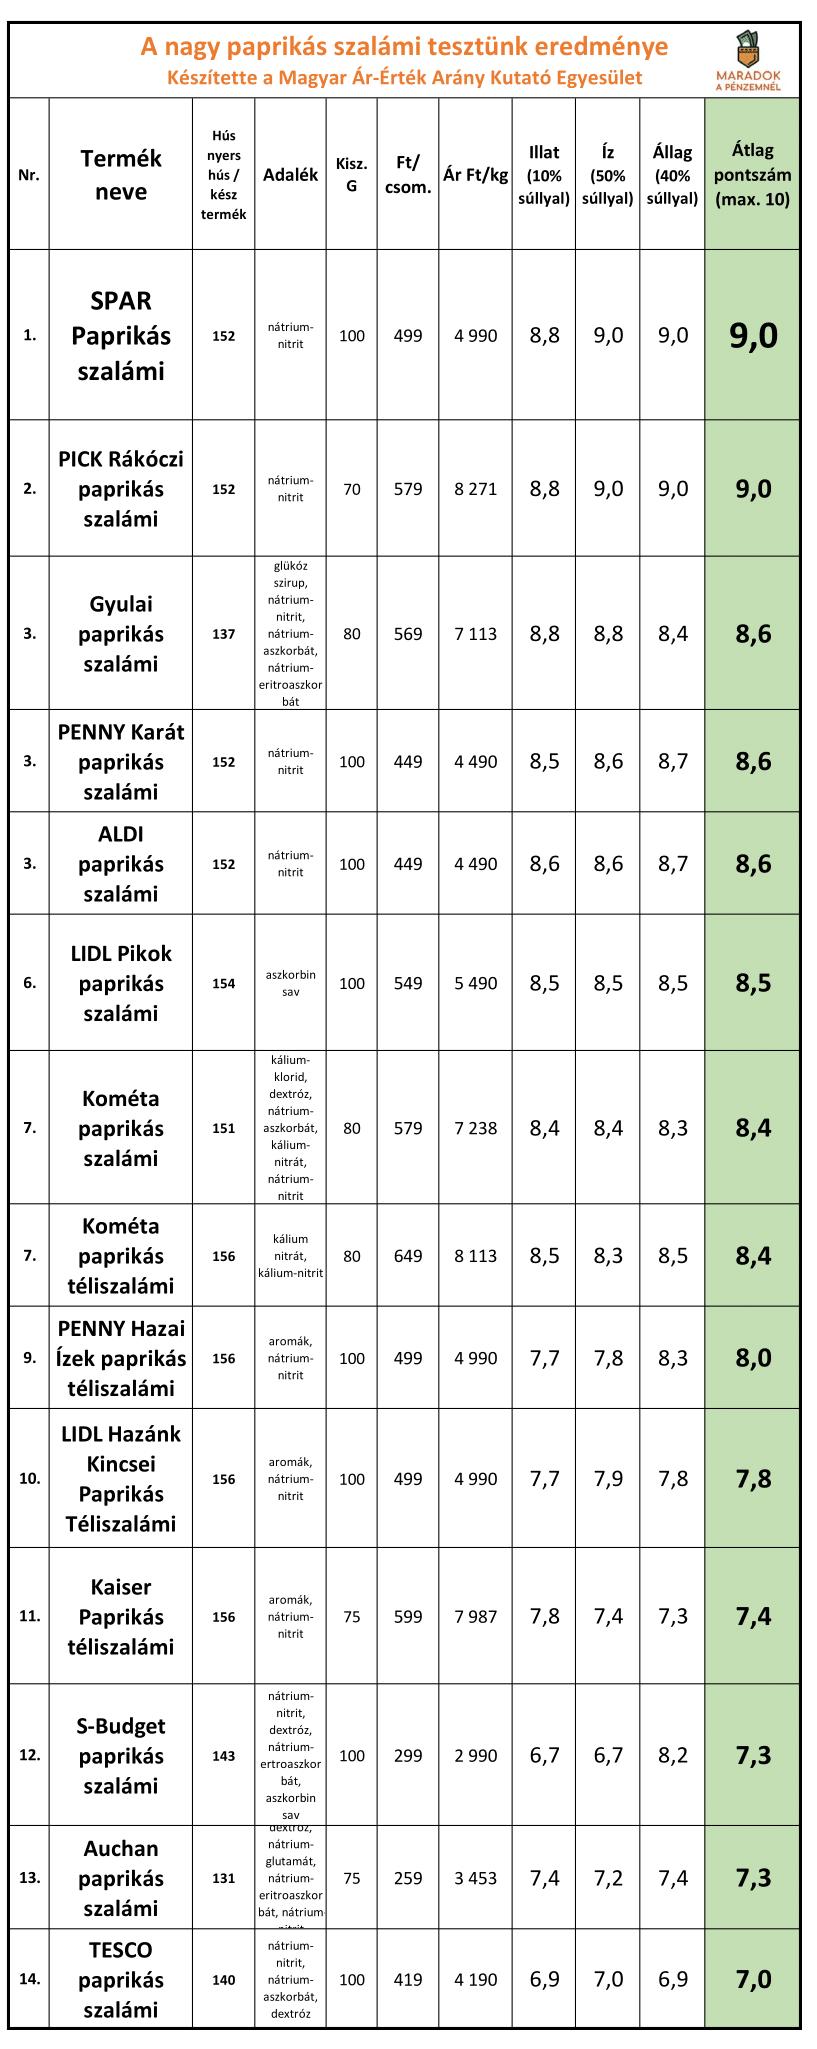 paprikas_szalami_teszt-1_2.png